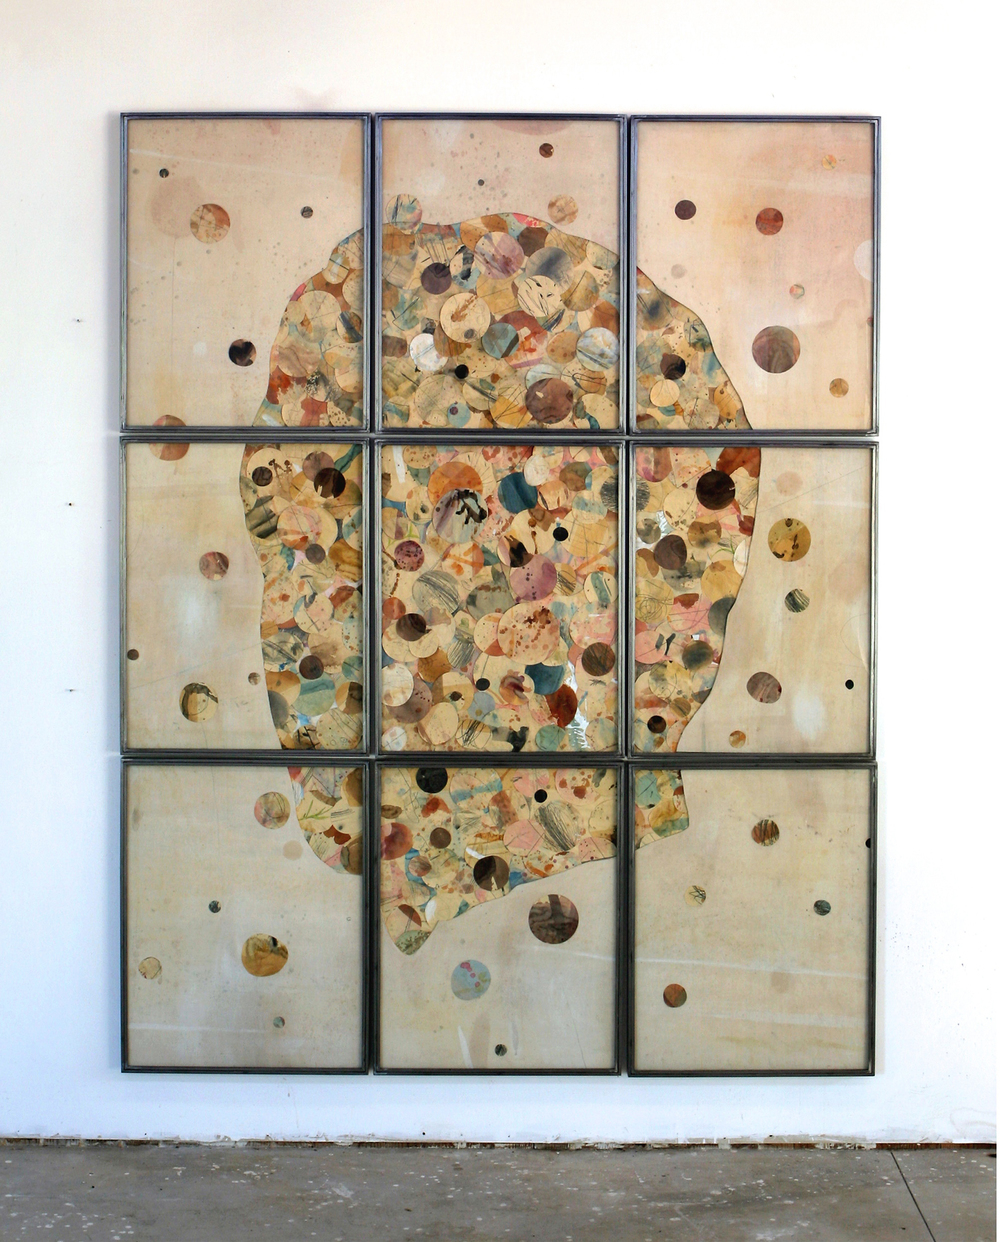 Senza titolo, 2014 Tecnica mista su carta e tela incollata su legno cm 280 x 220